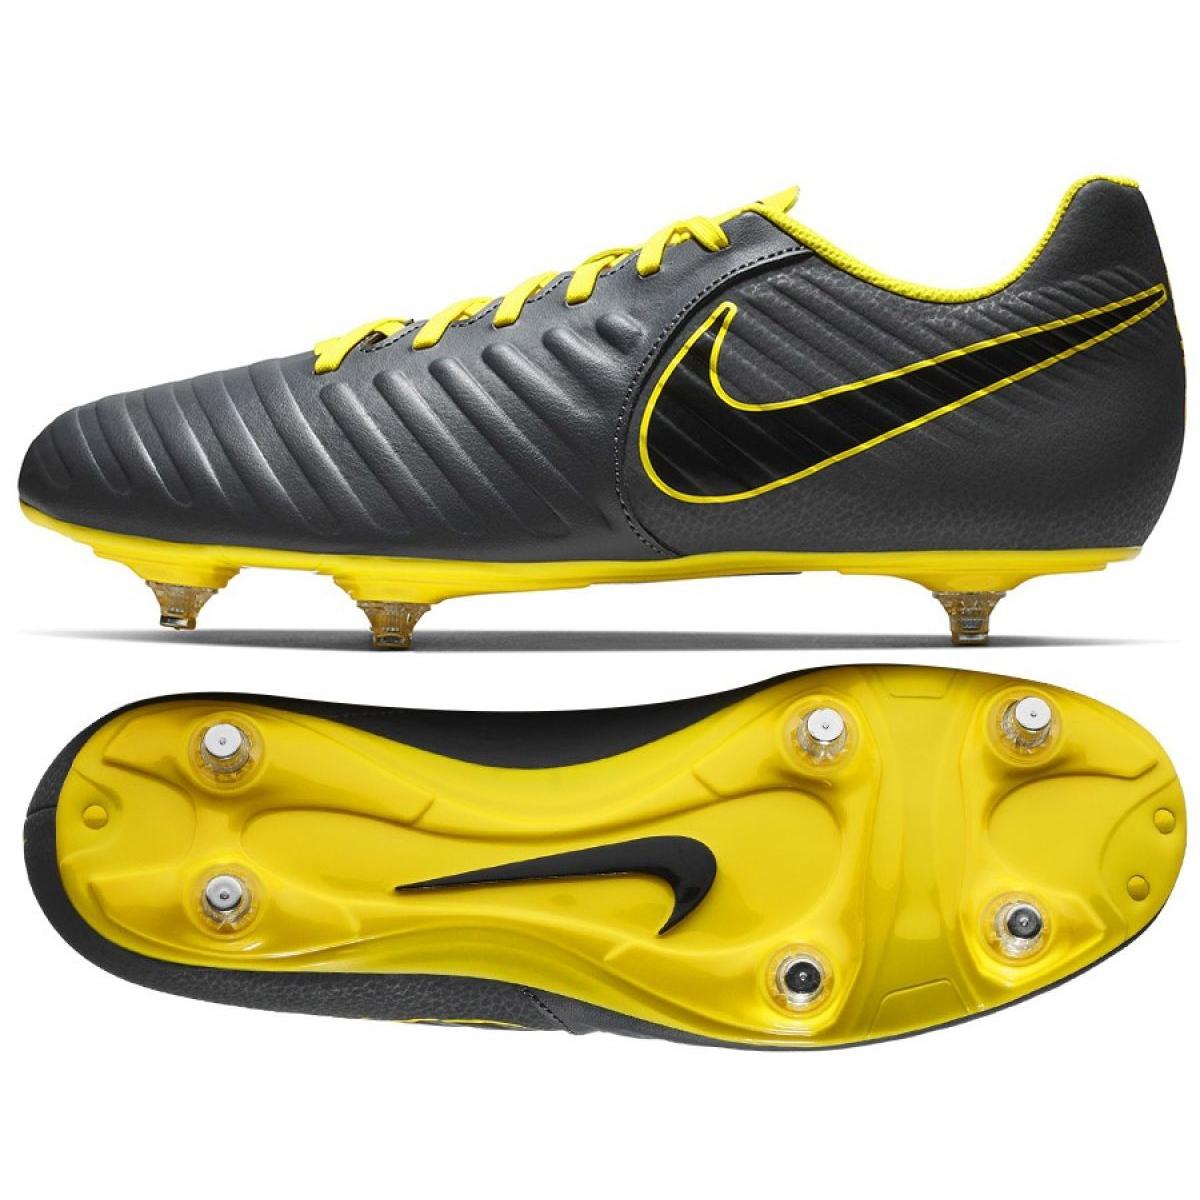 come serch forma elegante adatto a uomini/donne Football shoes Nike Tiempo Legend 7 Club Sg M AH8800-070 grey gray ...